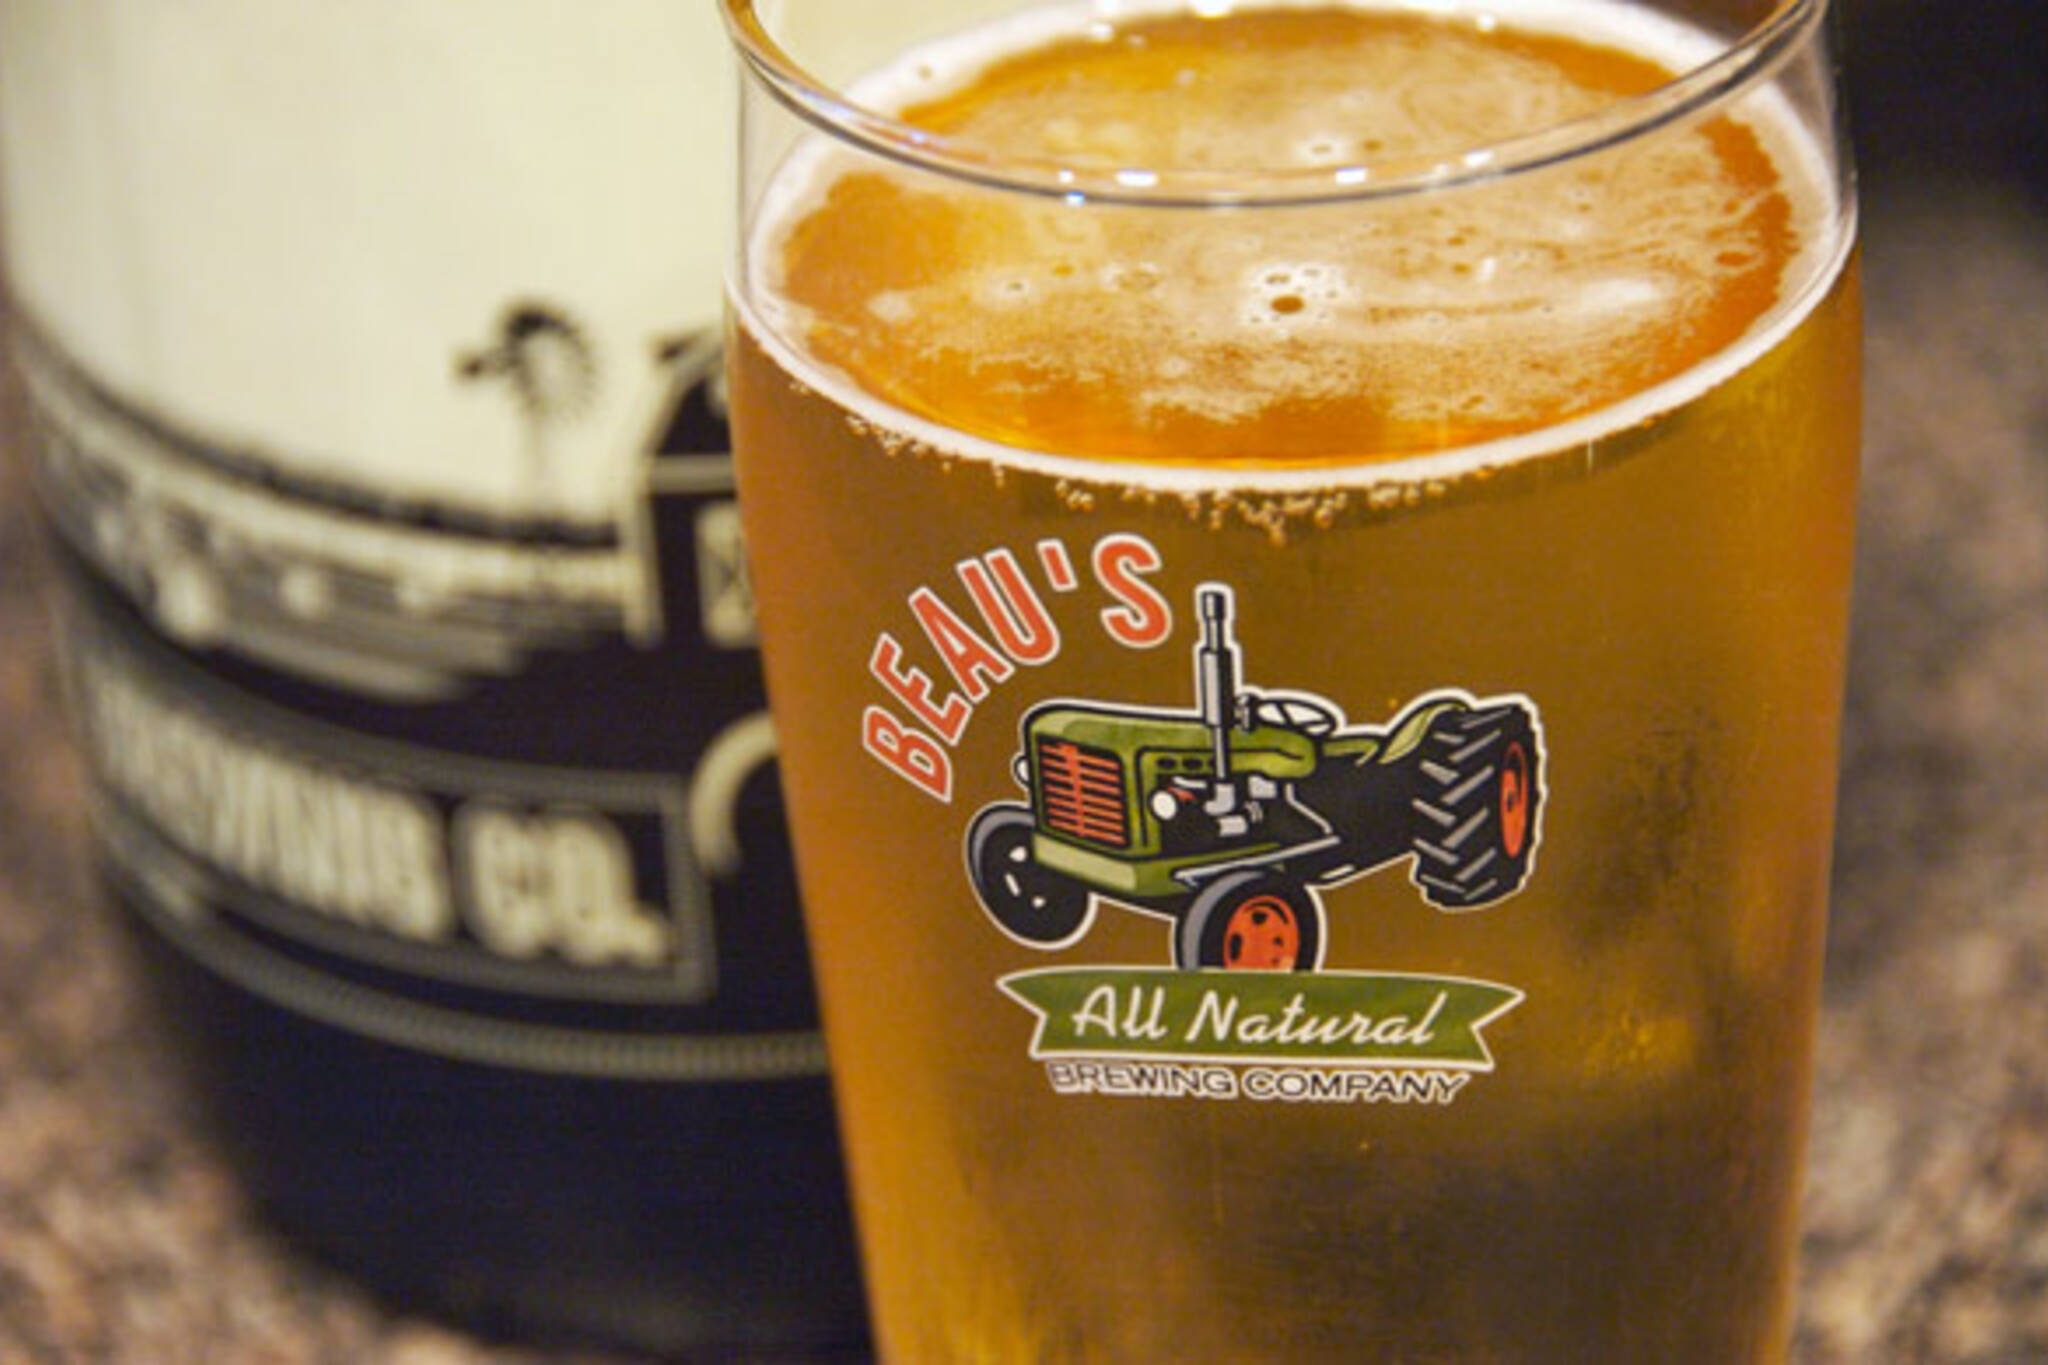 Ontario Craft Beer Week 2012